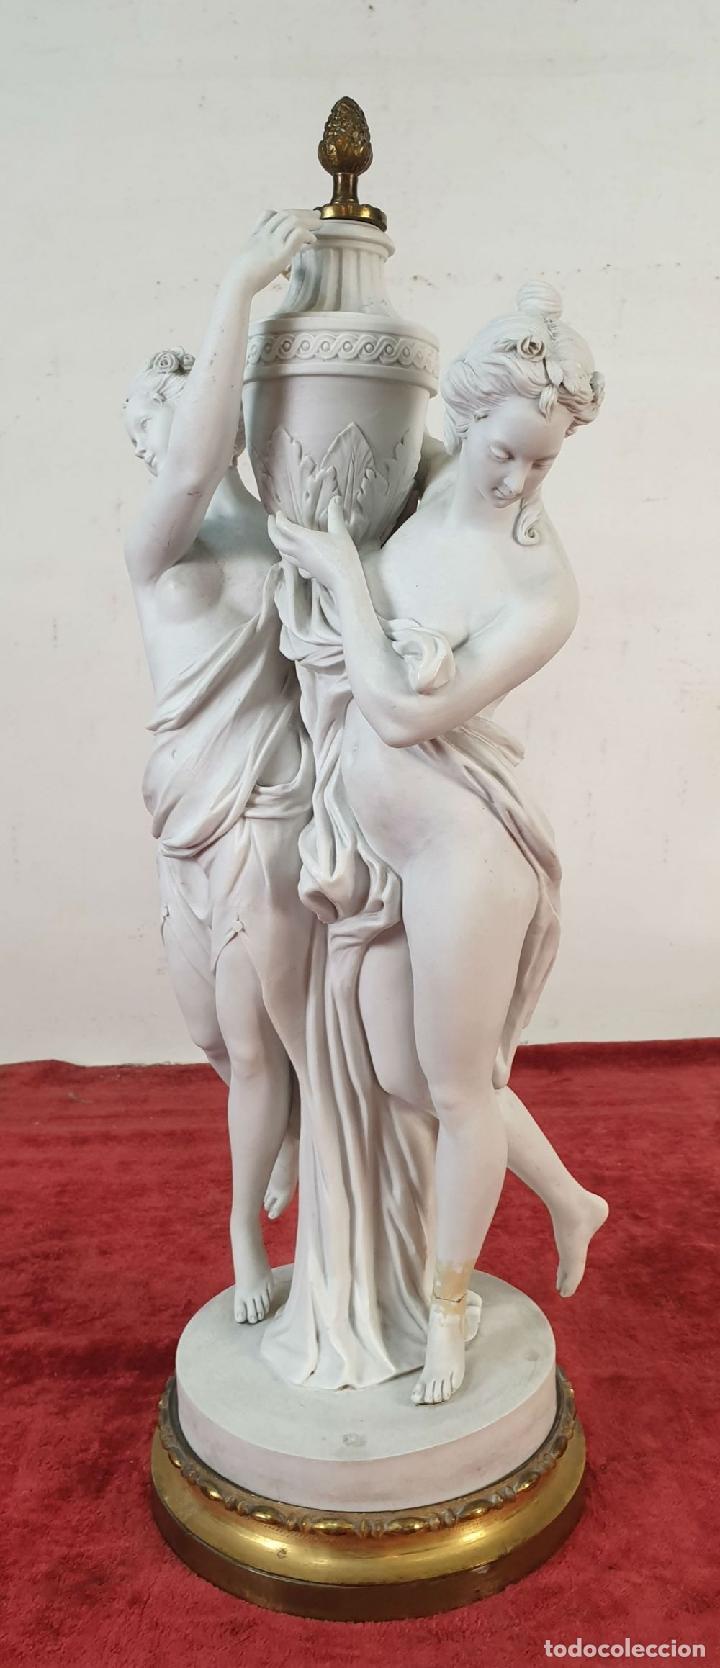 Arte: PAREJA DE VENUS. ESCULTURA EN PORCELANA. BASE DE BRONCE. SIGLO XVIII-XIX - Foto 7 - 194282847